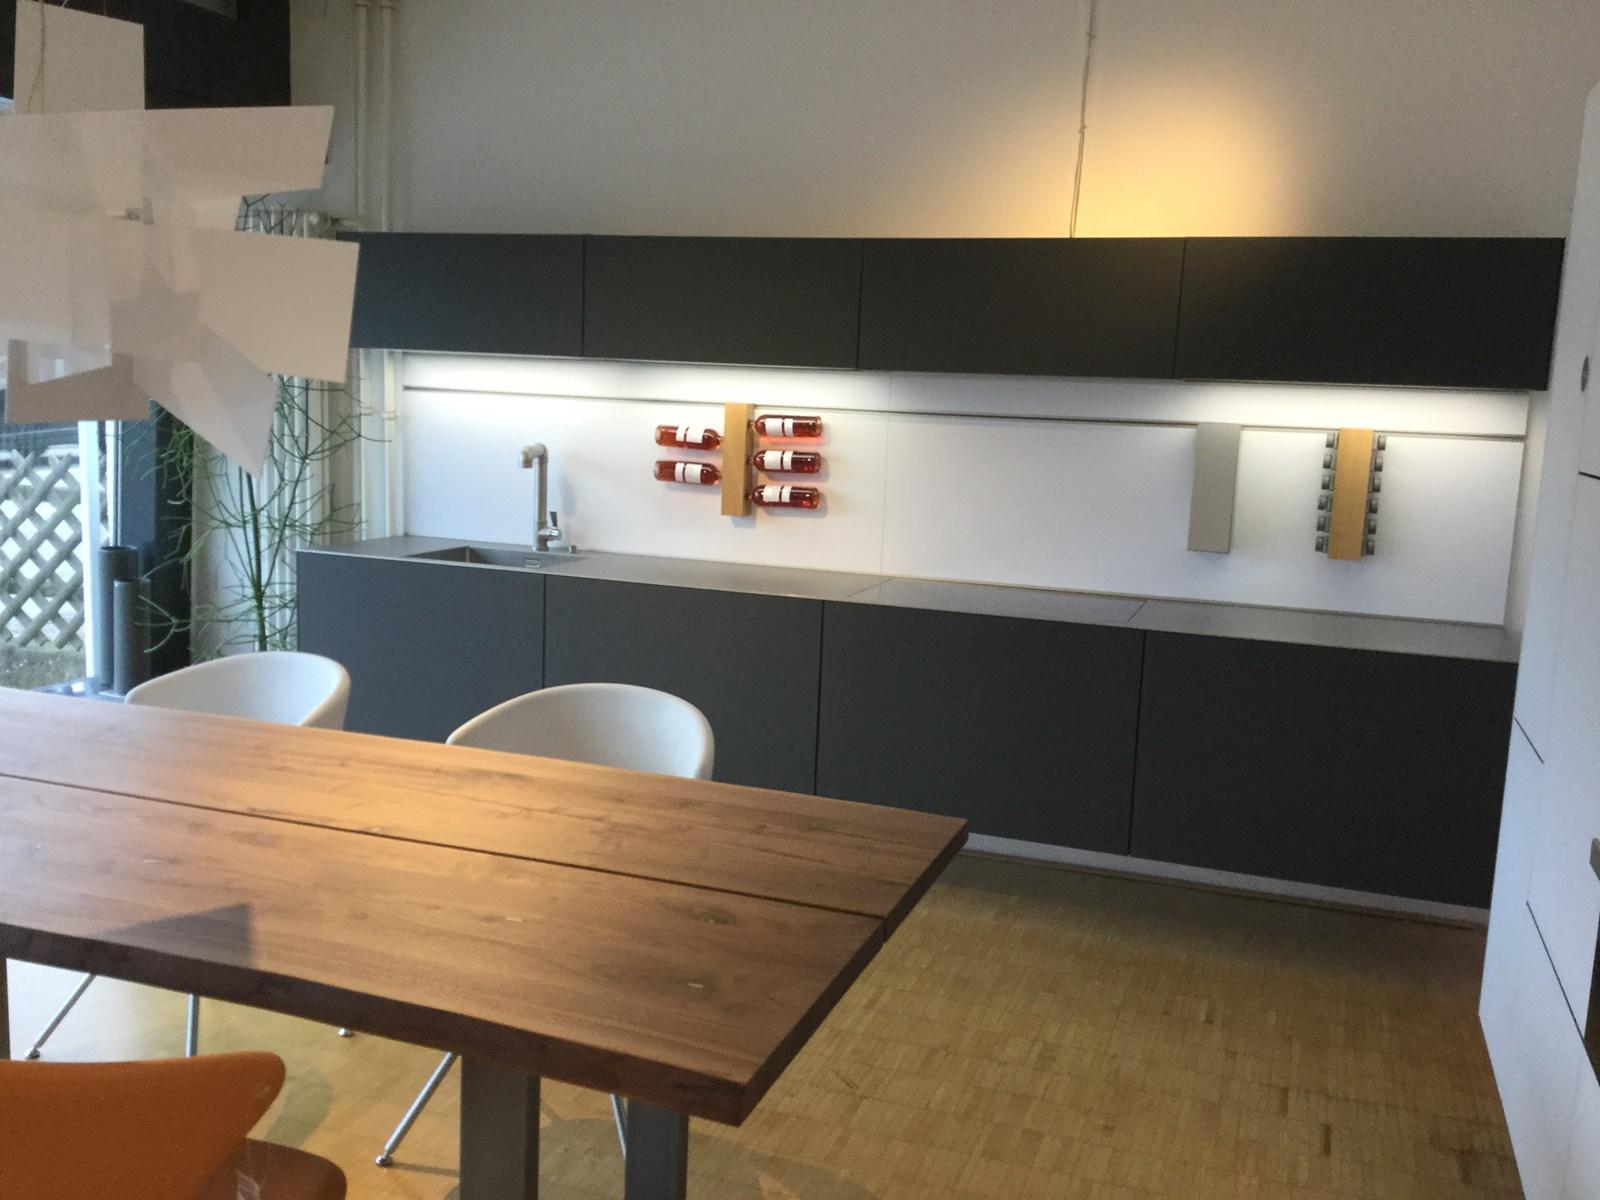 Möbel Weimer - Küchenausstellung